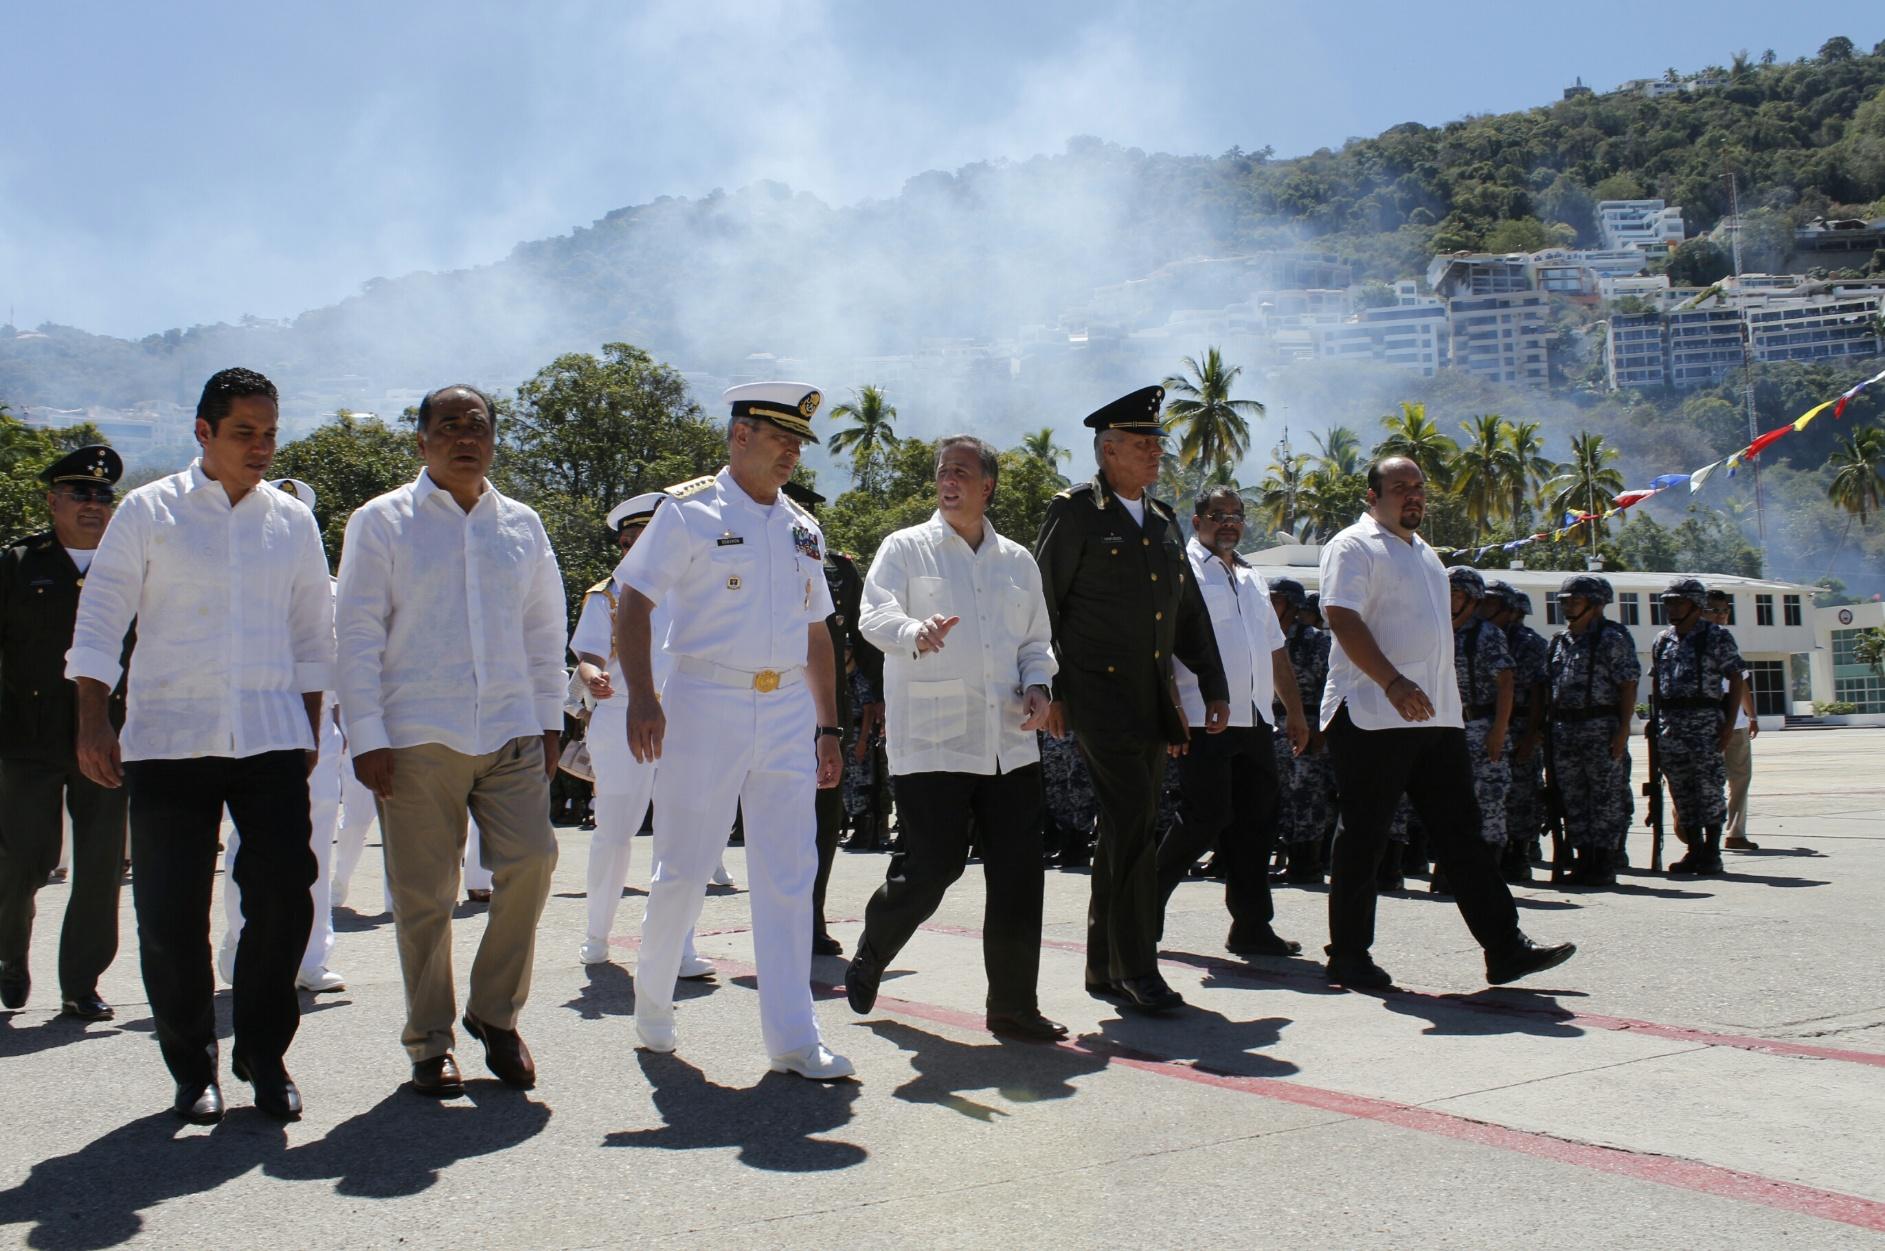 FOTO 1 El secretario Meade acude con la representaci n presidencial a la ceremonia de zarpe del Buque Escuela Cuauht mocjpg